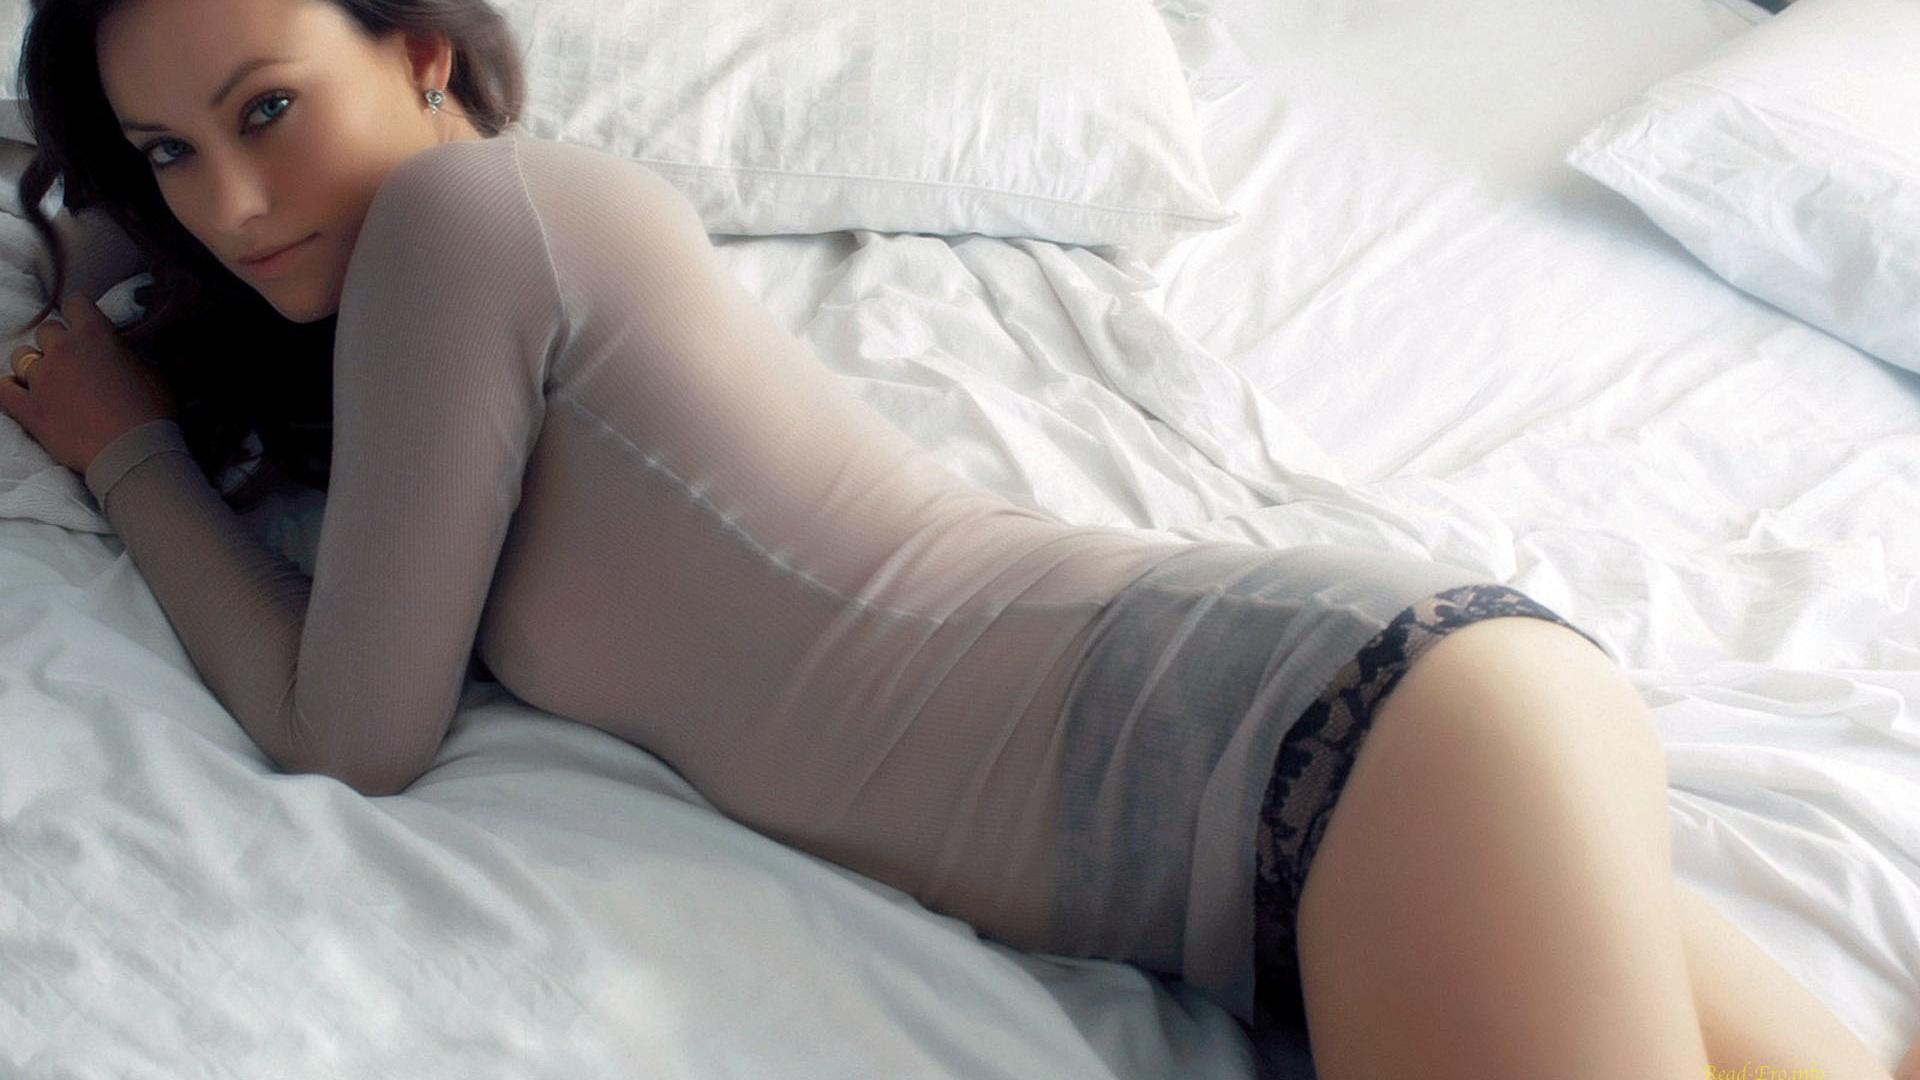 Русская девочка пастеле секс 17 фотография